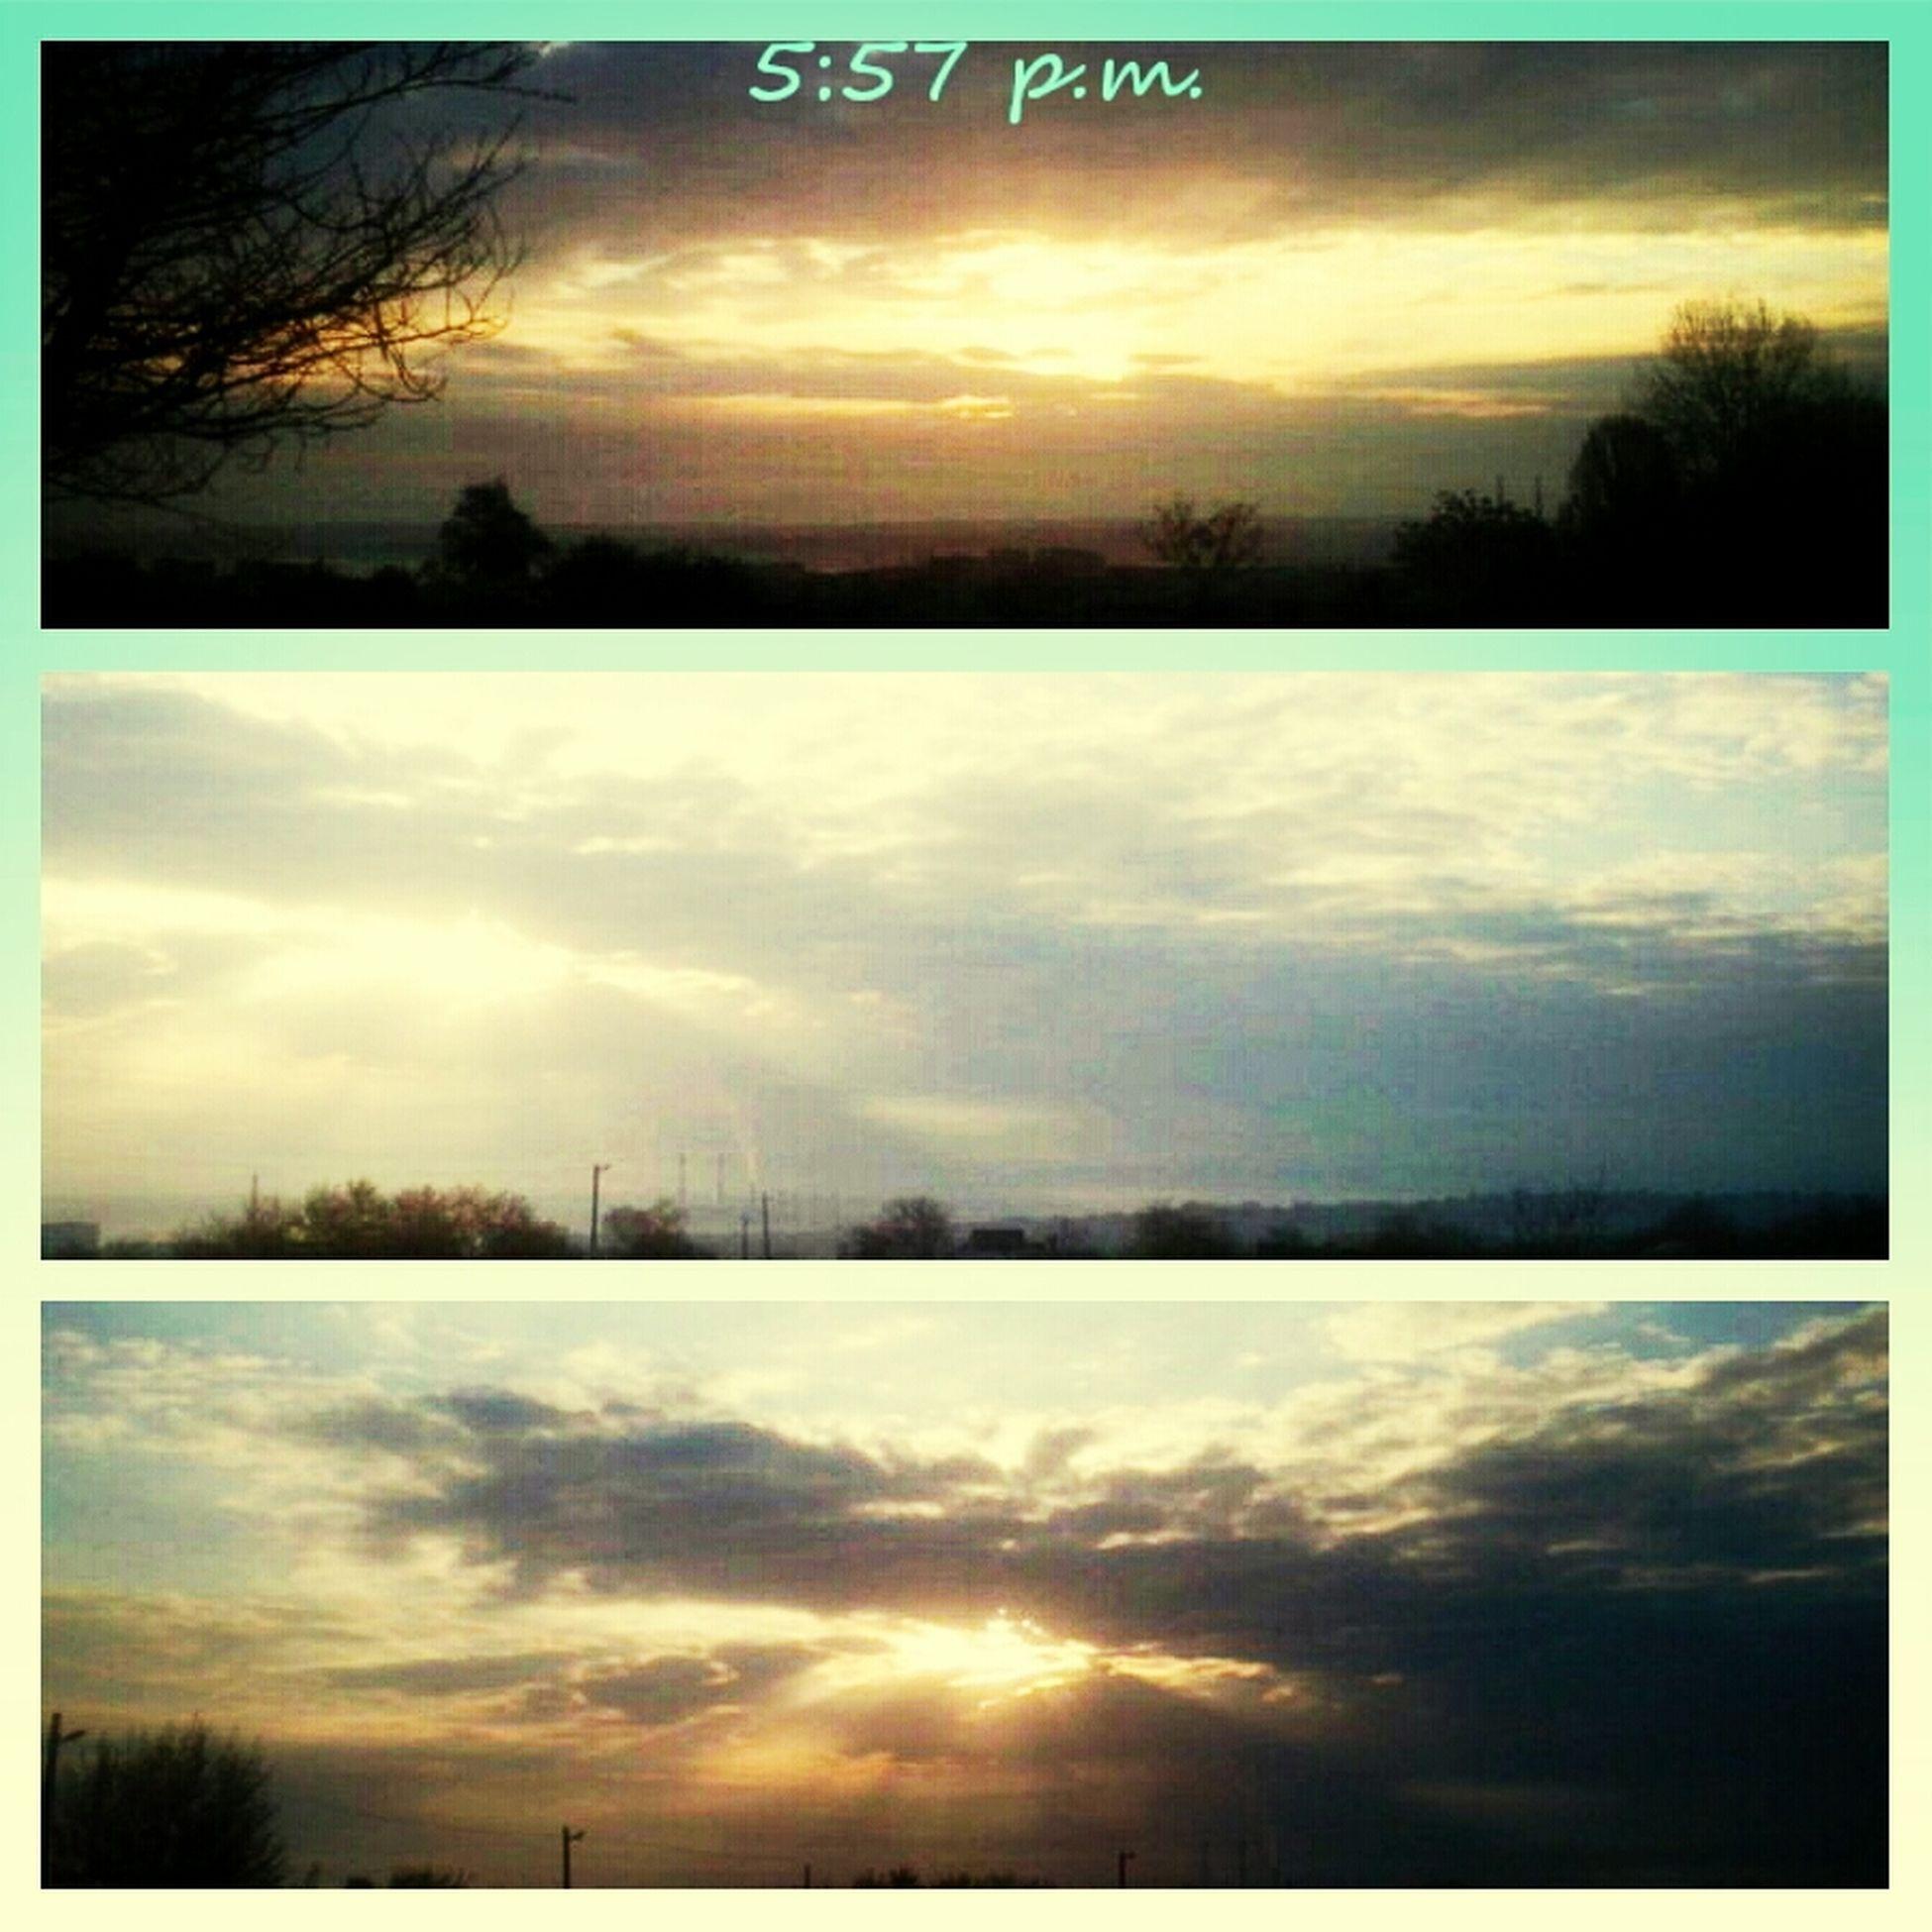 5:23-6;41 Cute♡ super